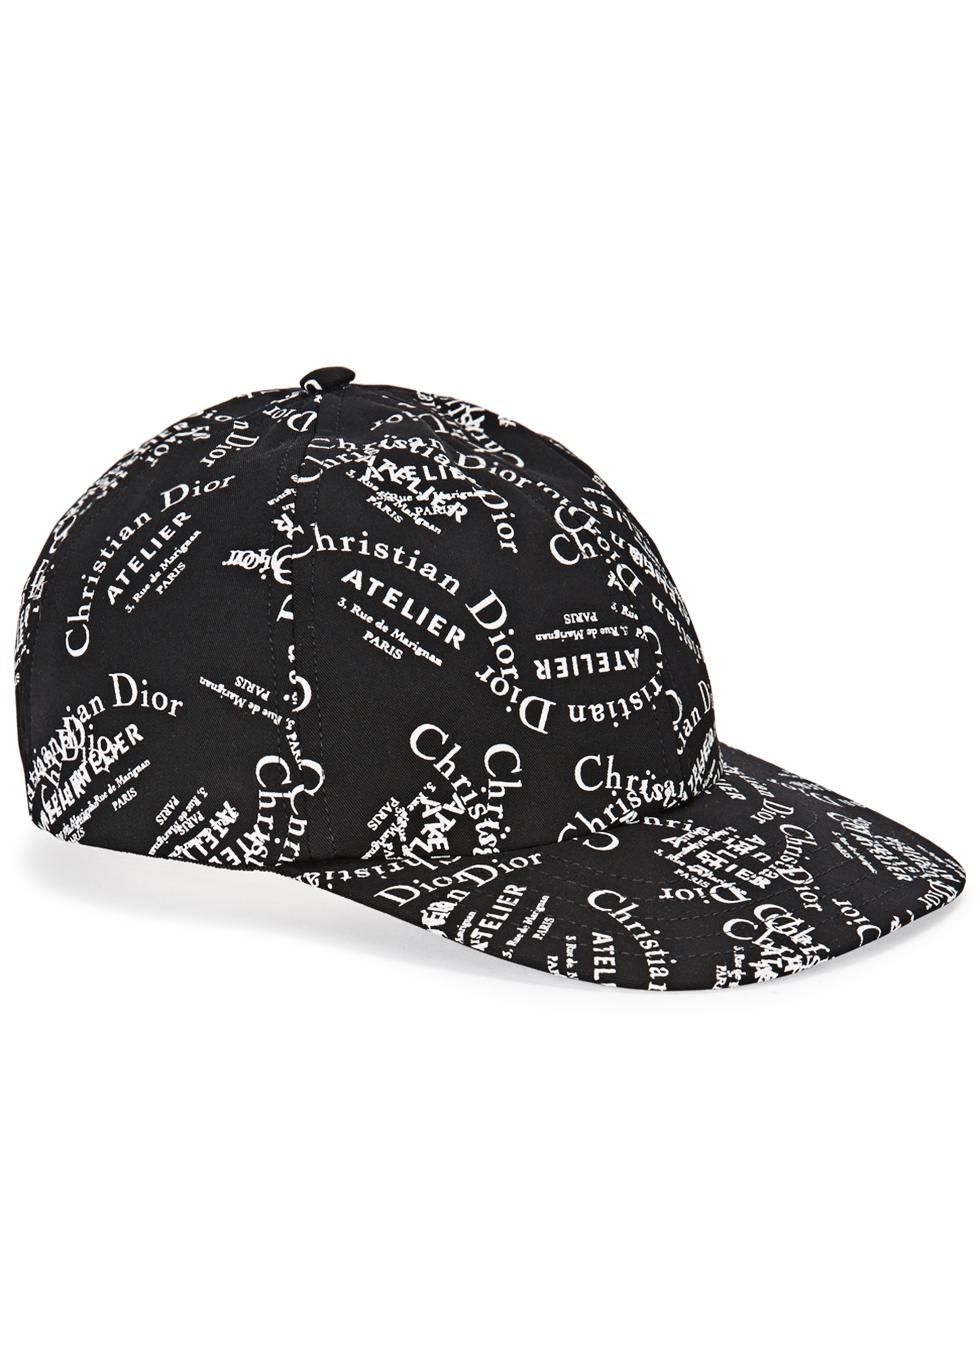 Dior Homme Black logo-print wool cap - Harvey Nichols ec7a92c17dc